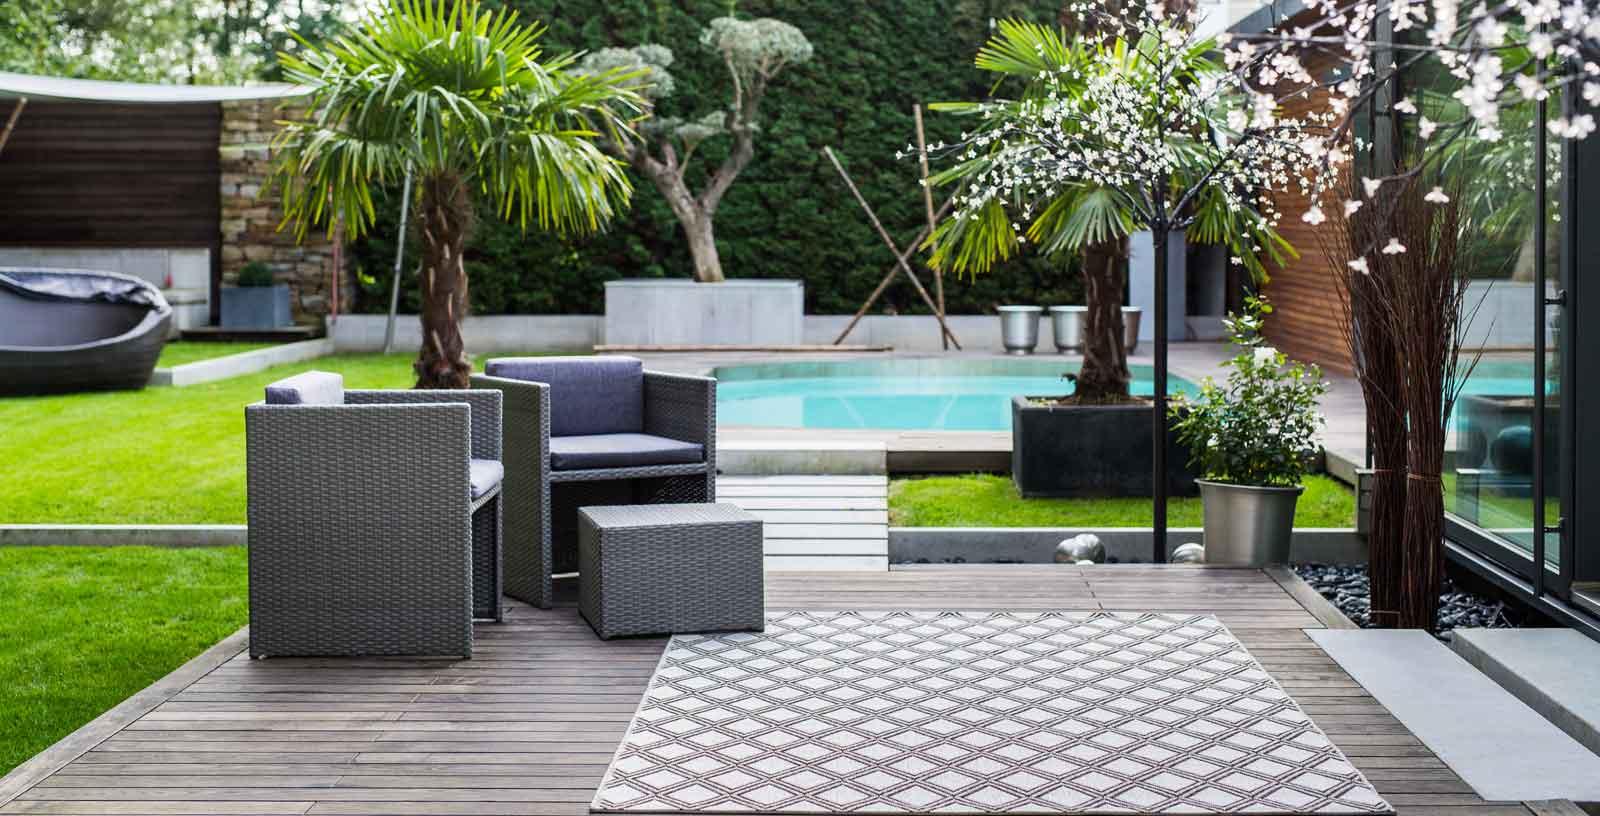 wtv bodenbel ge f r messezwecke gmbh. Black Bedroom Furniture Sets. Home Design Ideas